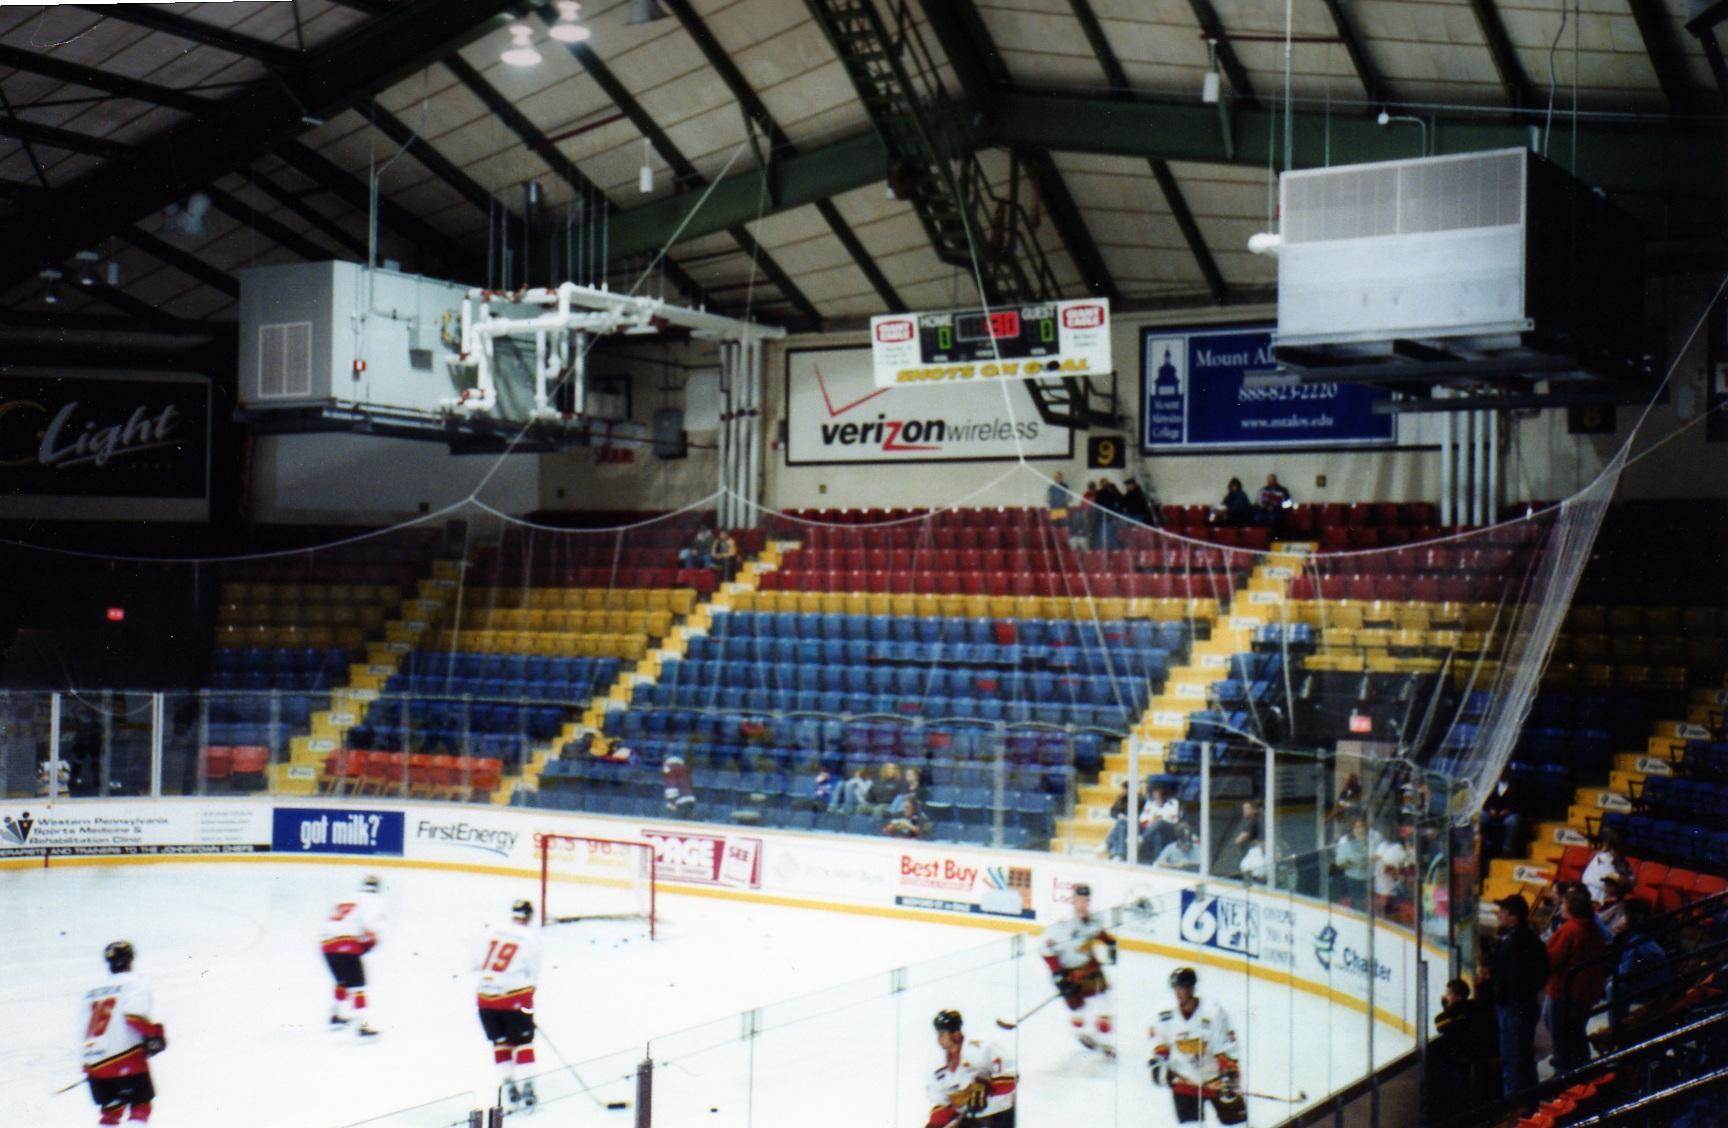 Johnstown 2002